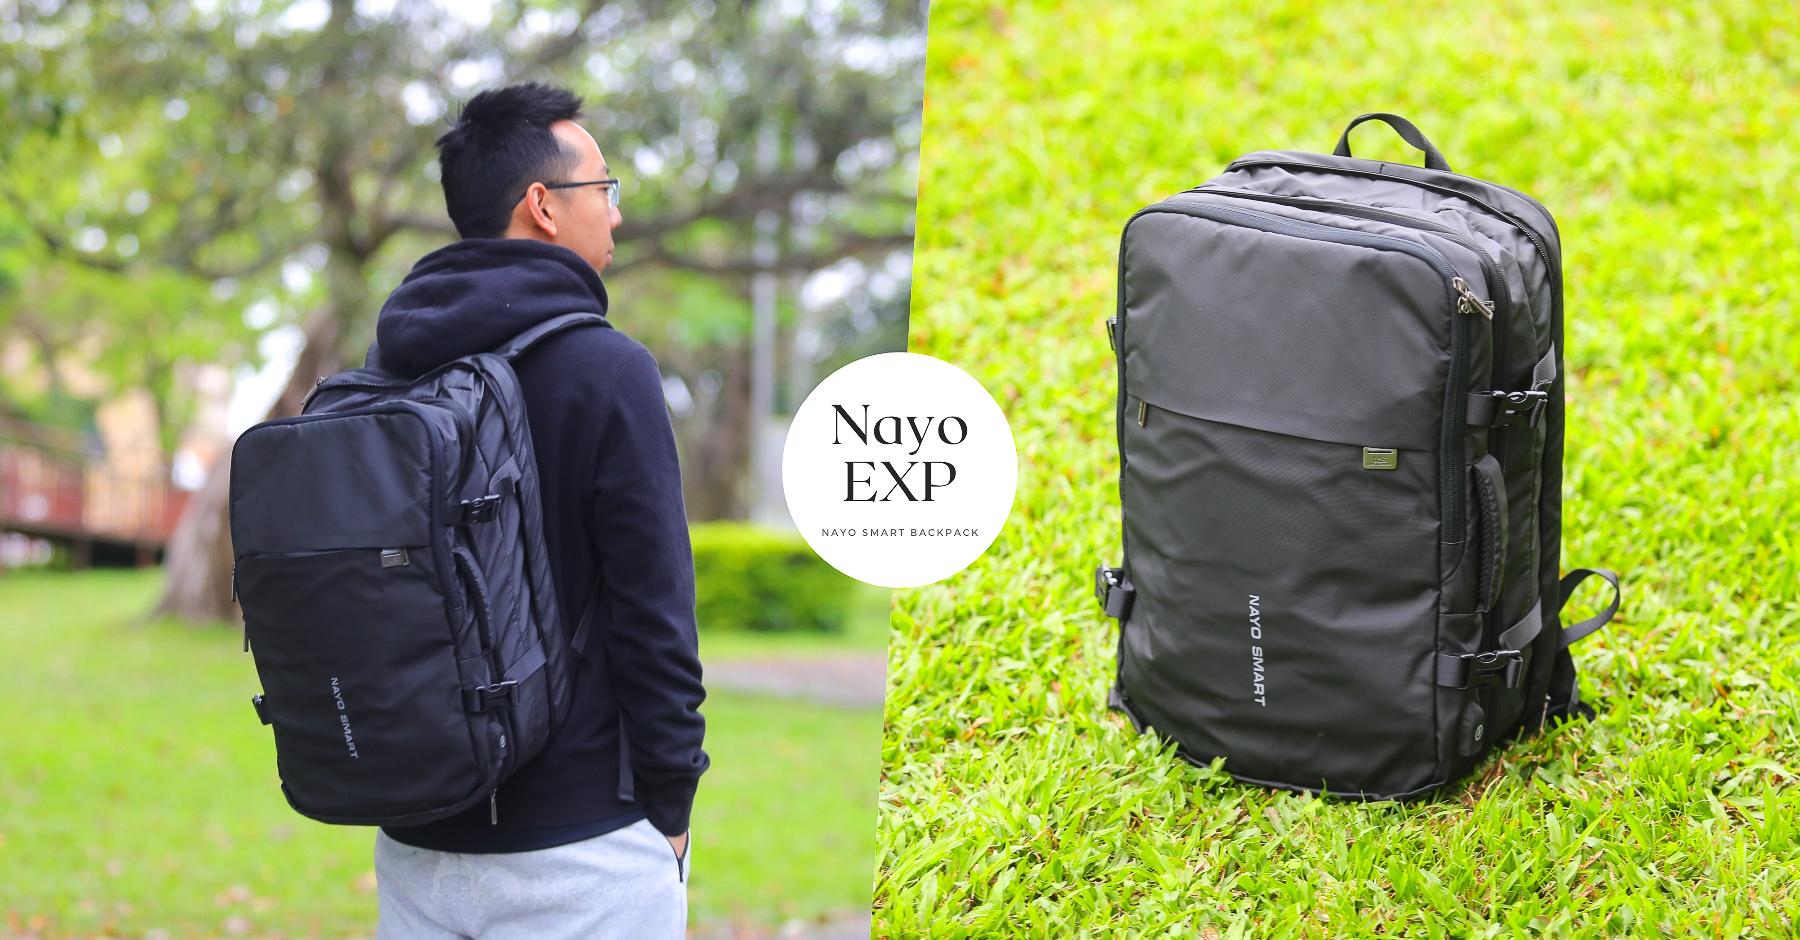 後背包推薦|Nayo EXP後背包|上班旅行都沒問題大空間高CP值後背包NayoSmart開箱